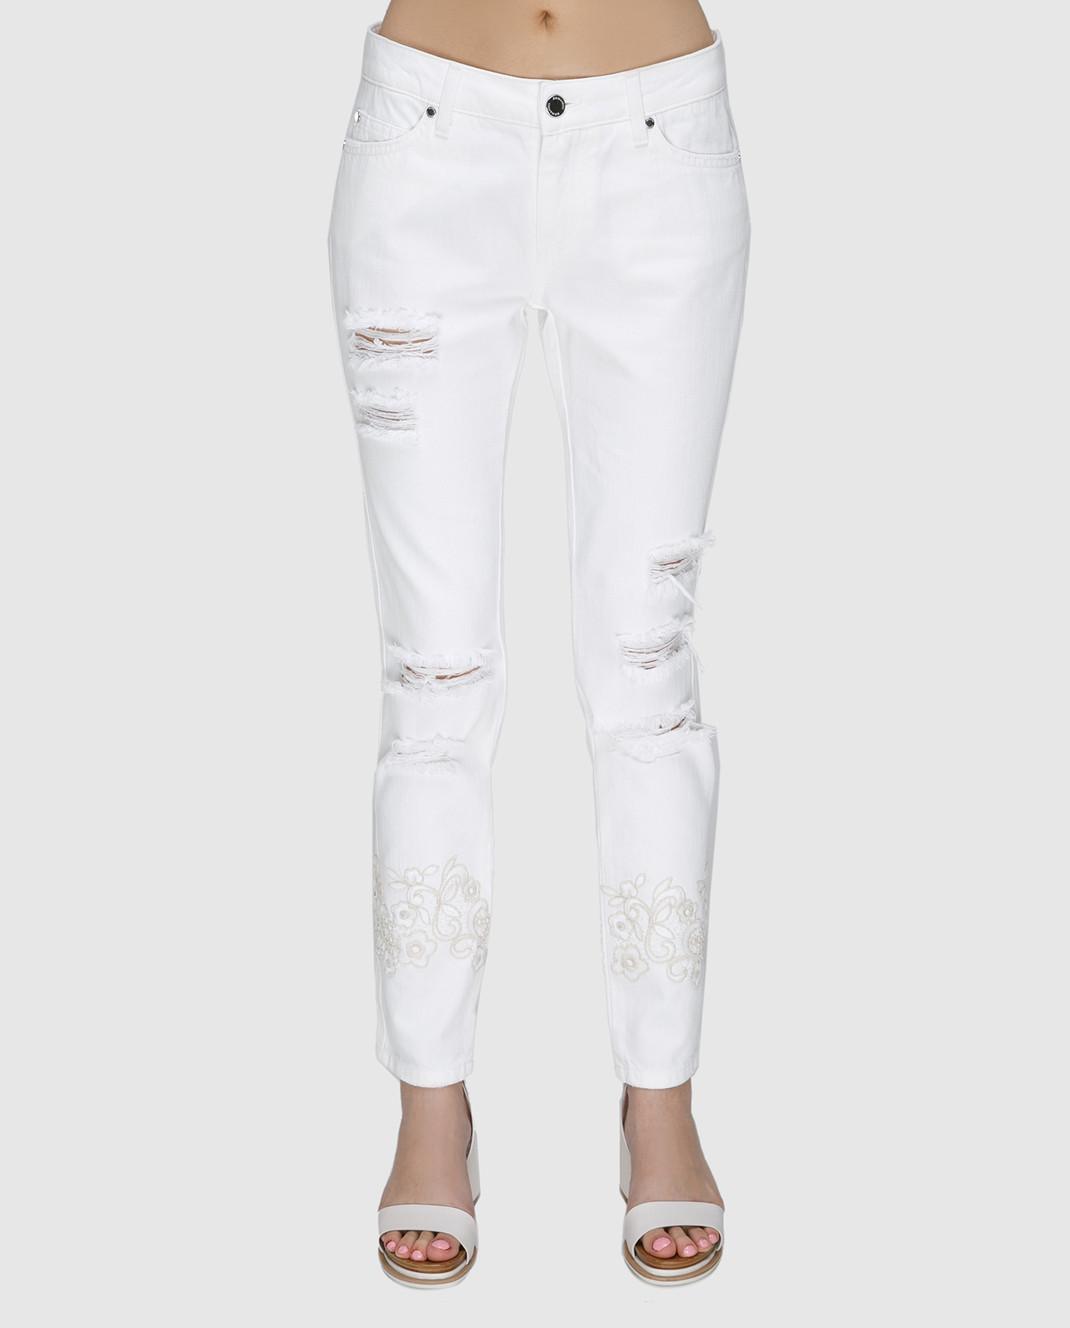 Ermanno Белые джинсы JL09 изображение 3